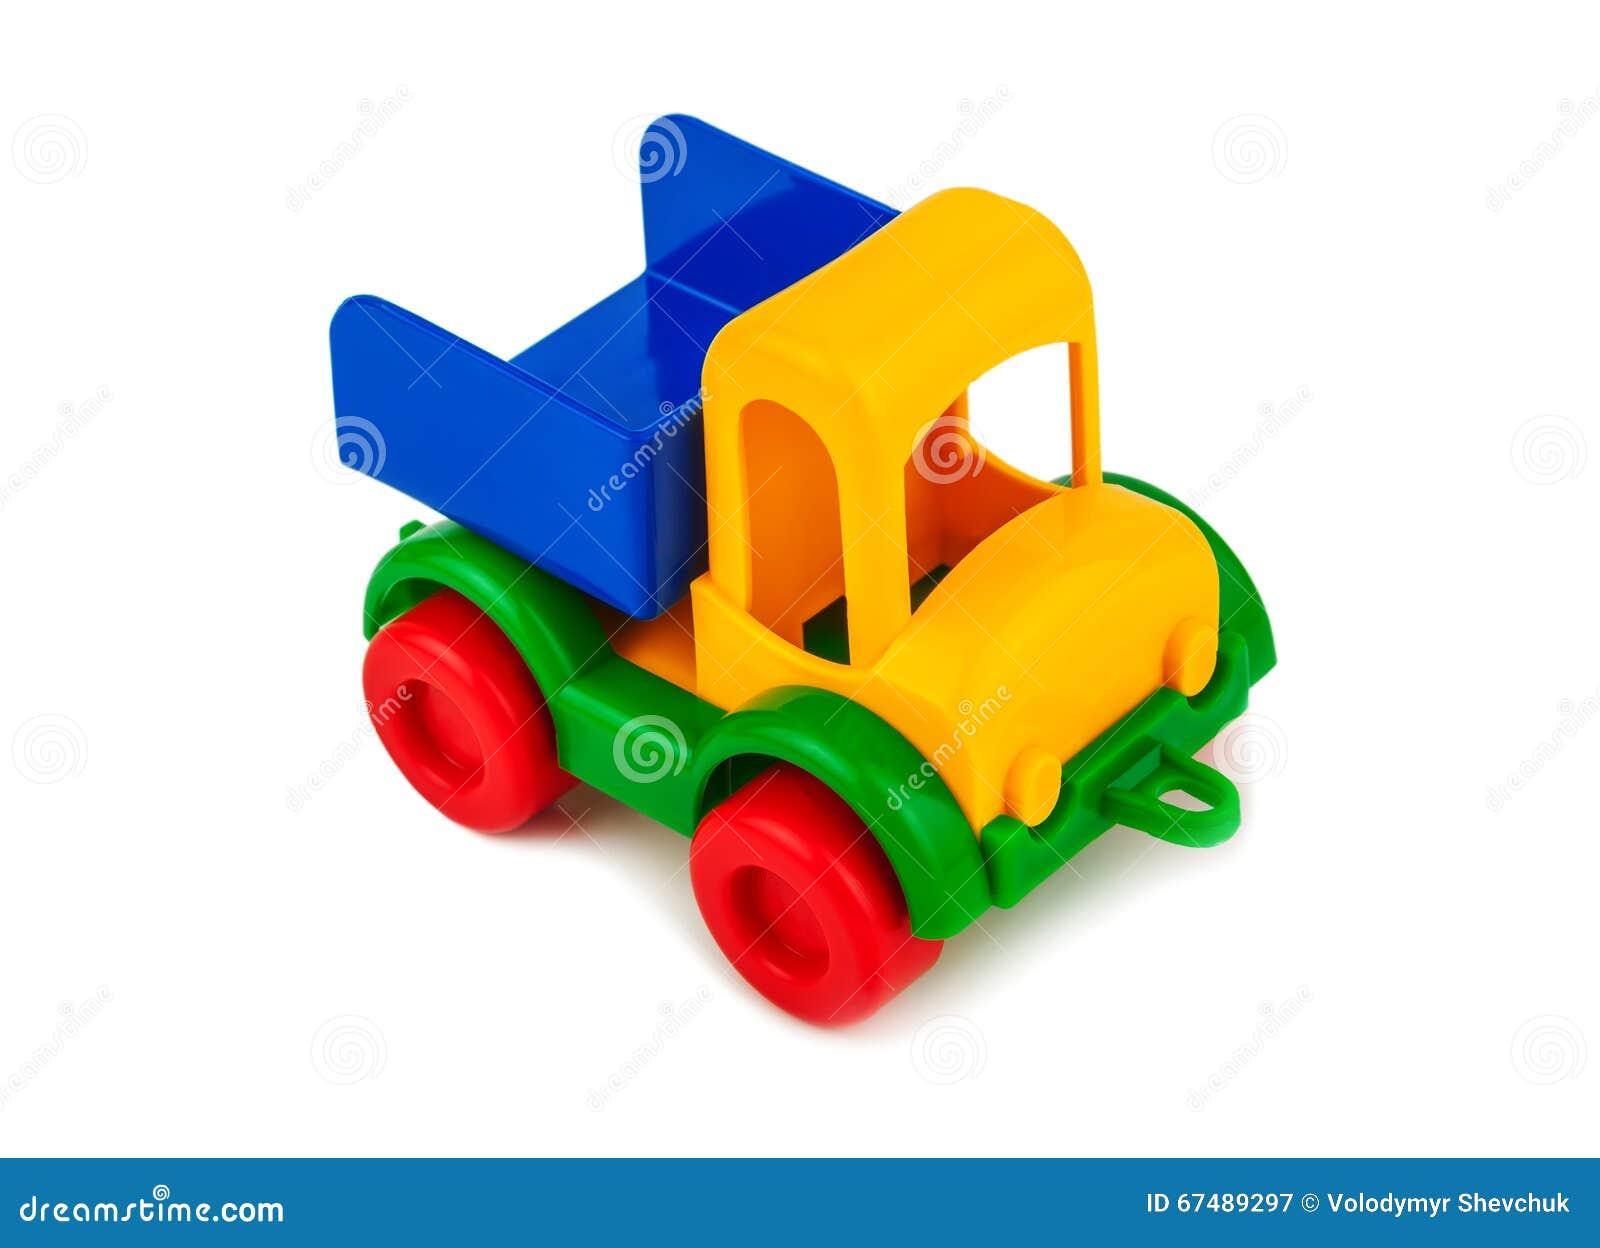 voiture en plastique de jouet image stock image du mod le isolement 67489297. Black Bedroom Furniture Sets. Home Design Ideas